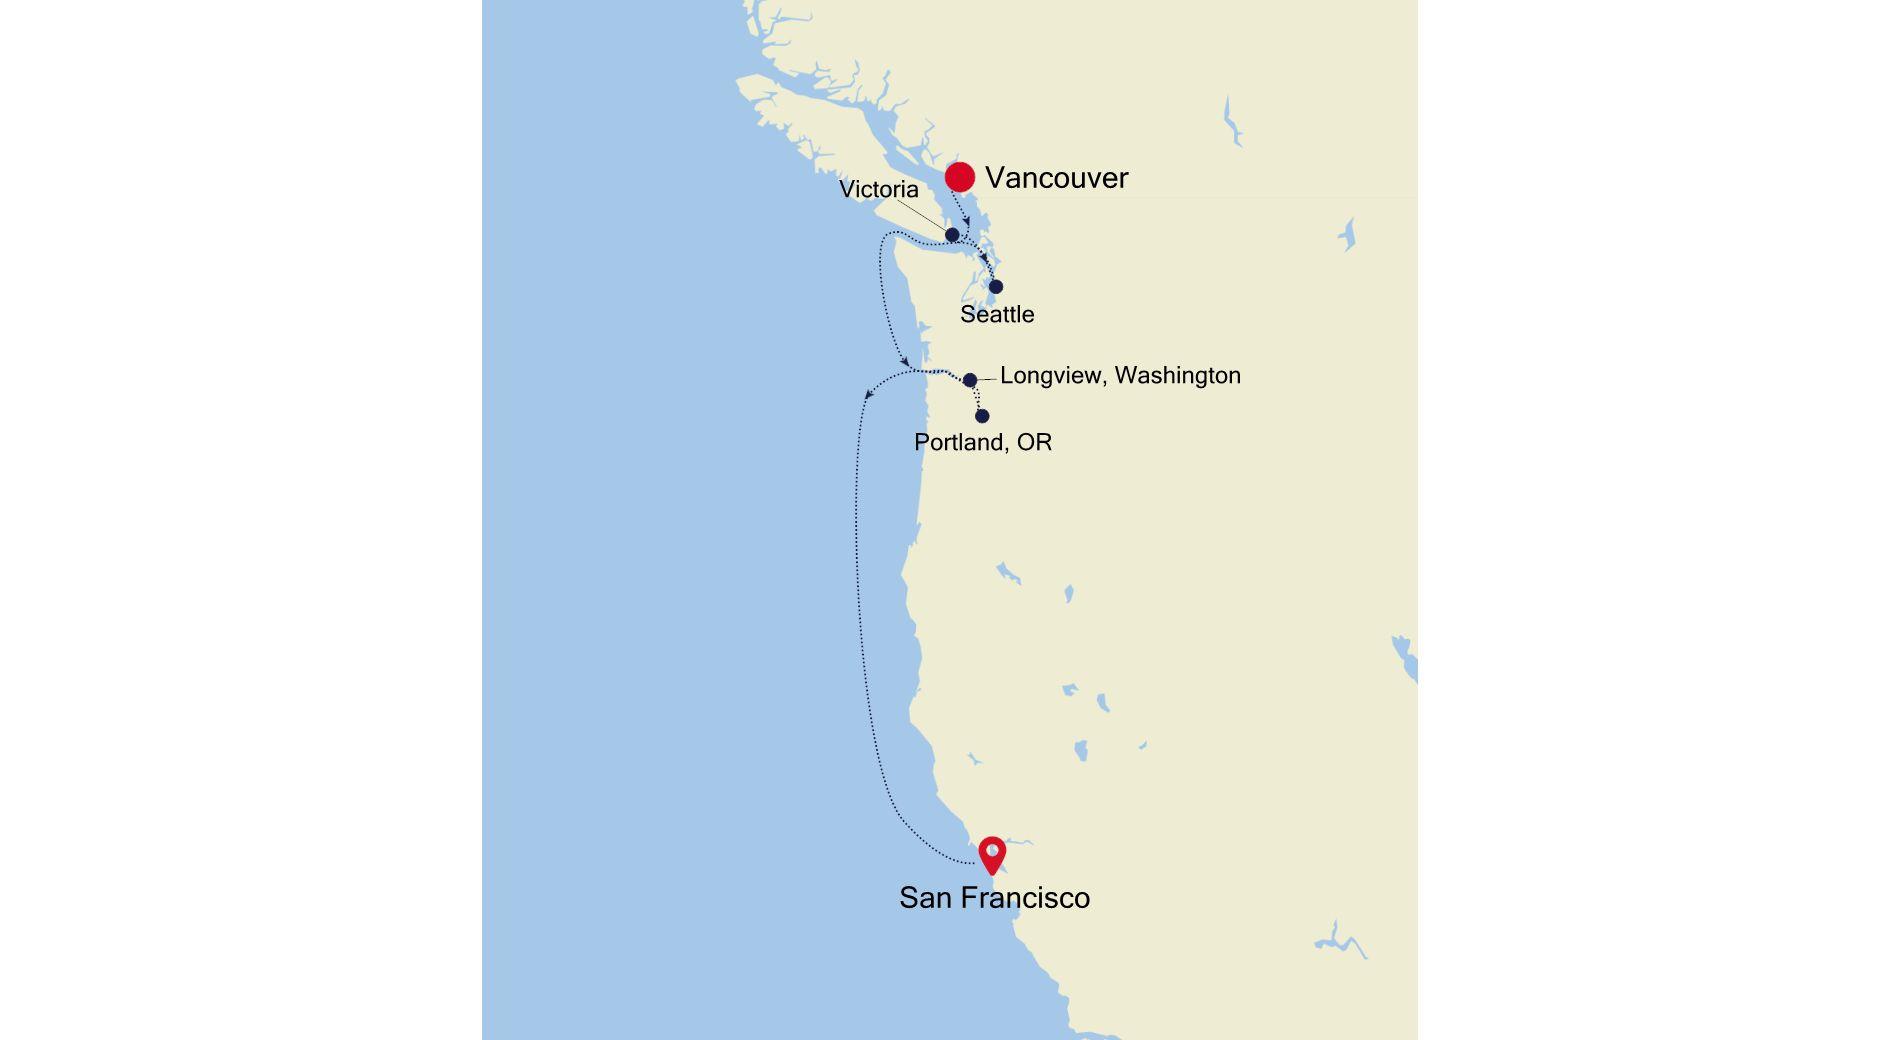 E4201008007 - Vancouver to San Francisco